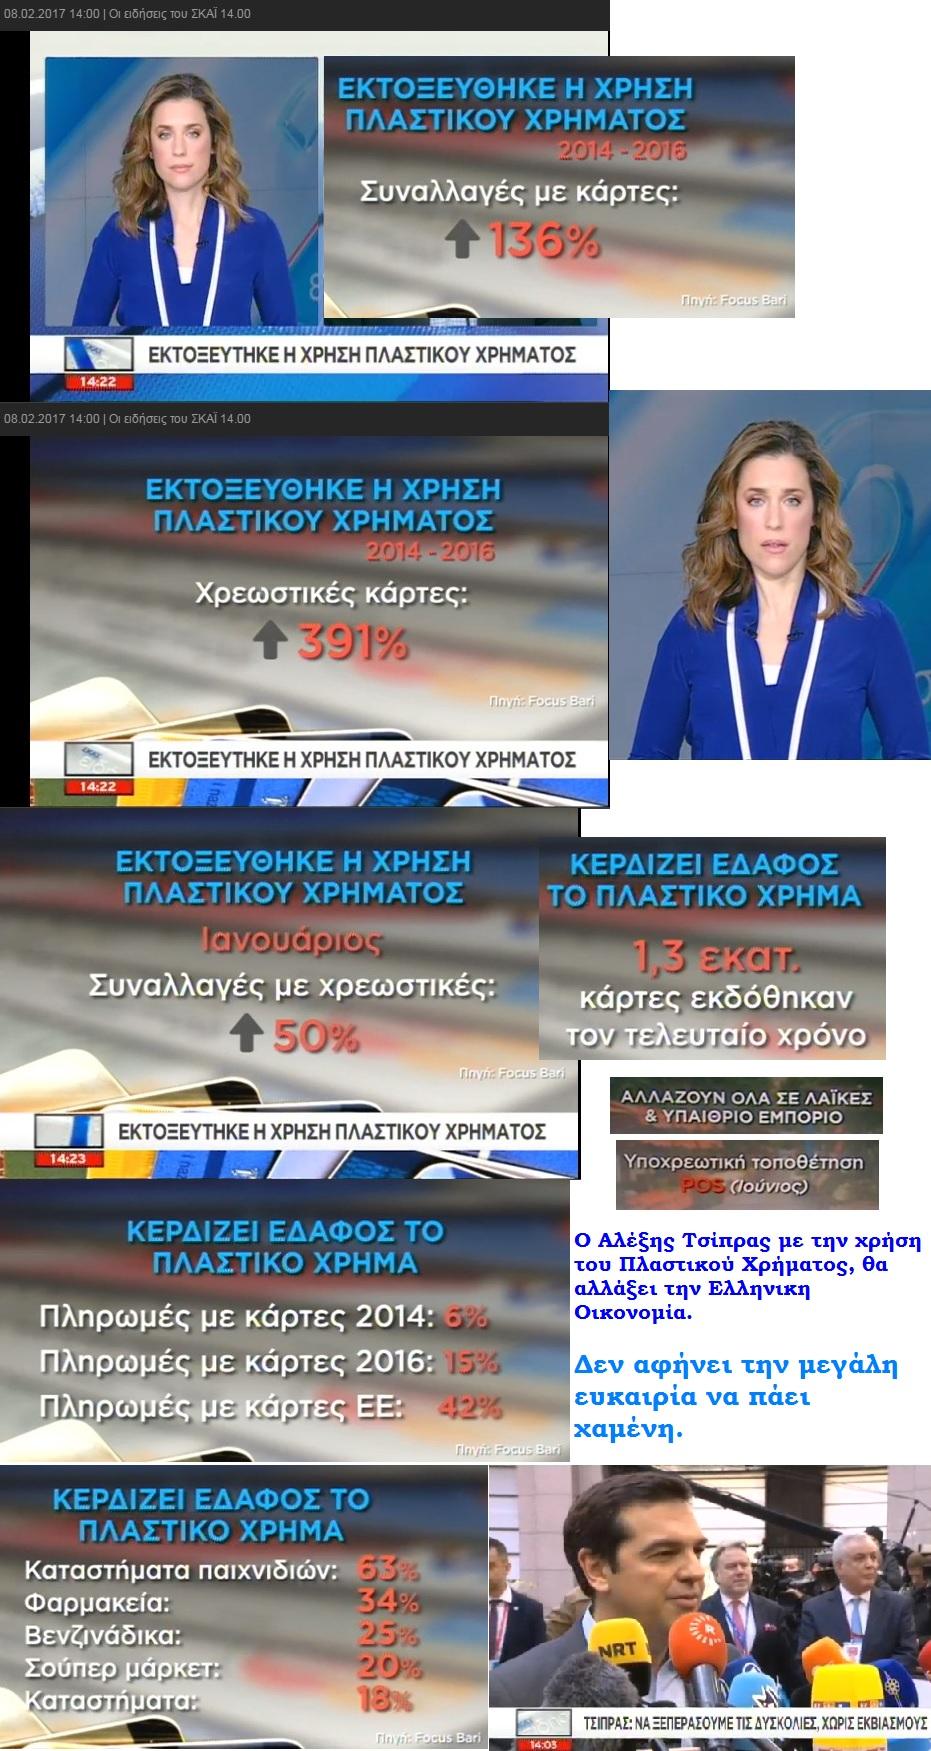 ellada-plastiko-xrhma-tsipras-01-090217